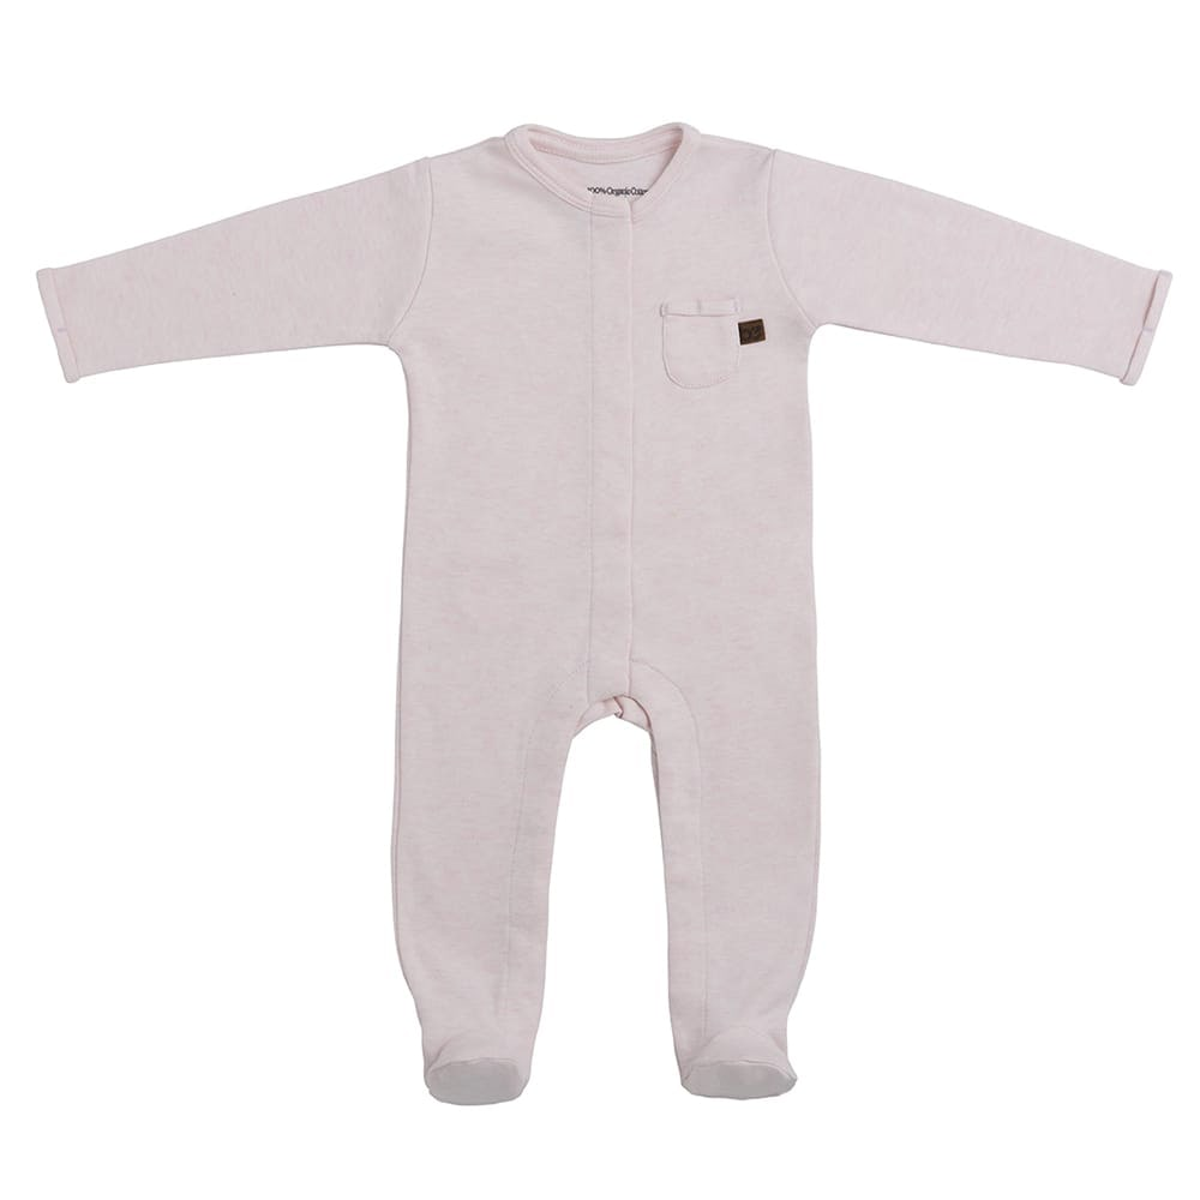 babys only 3545001 boxpakje met voetjes melange 50 classic roze 1